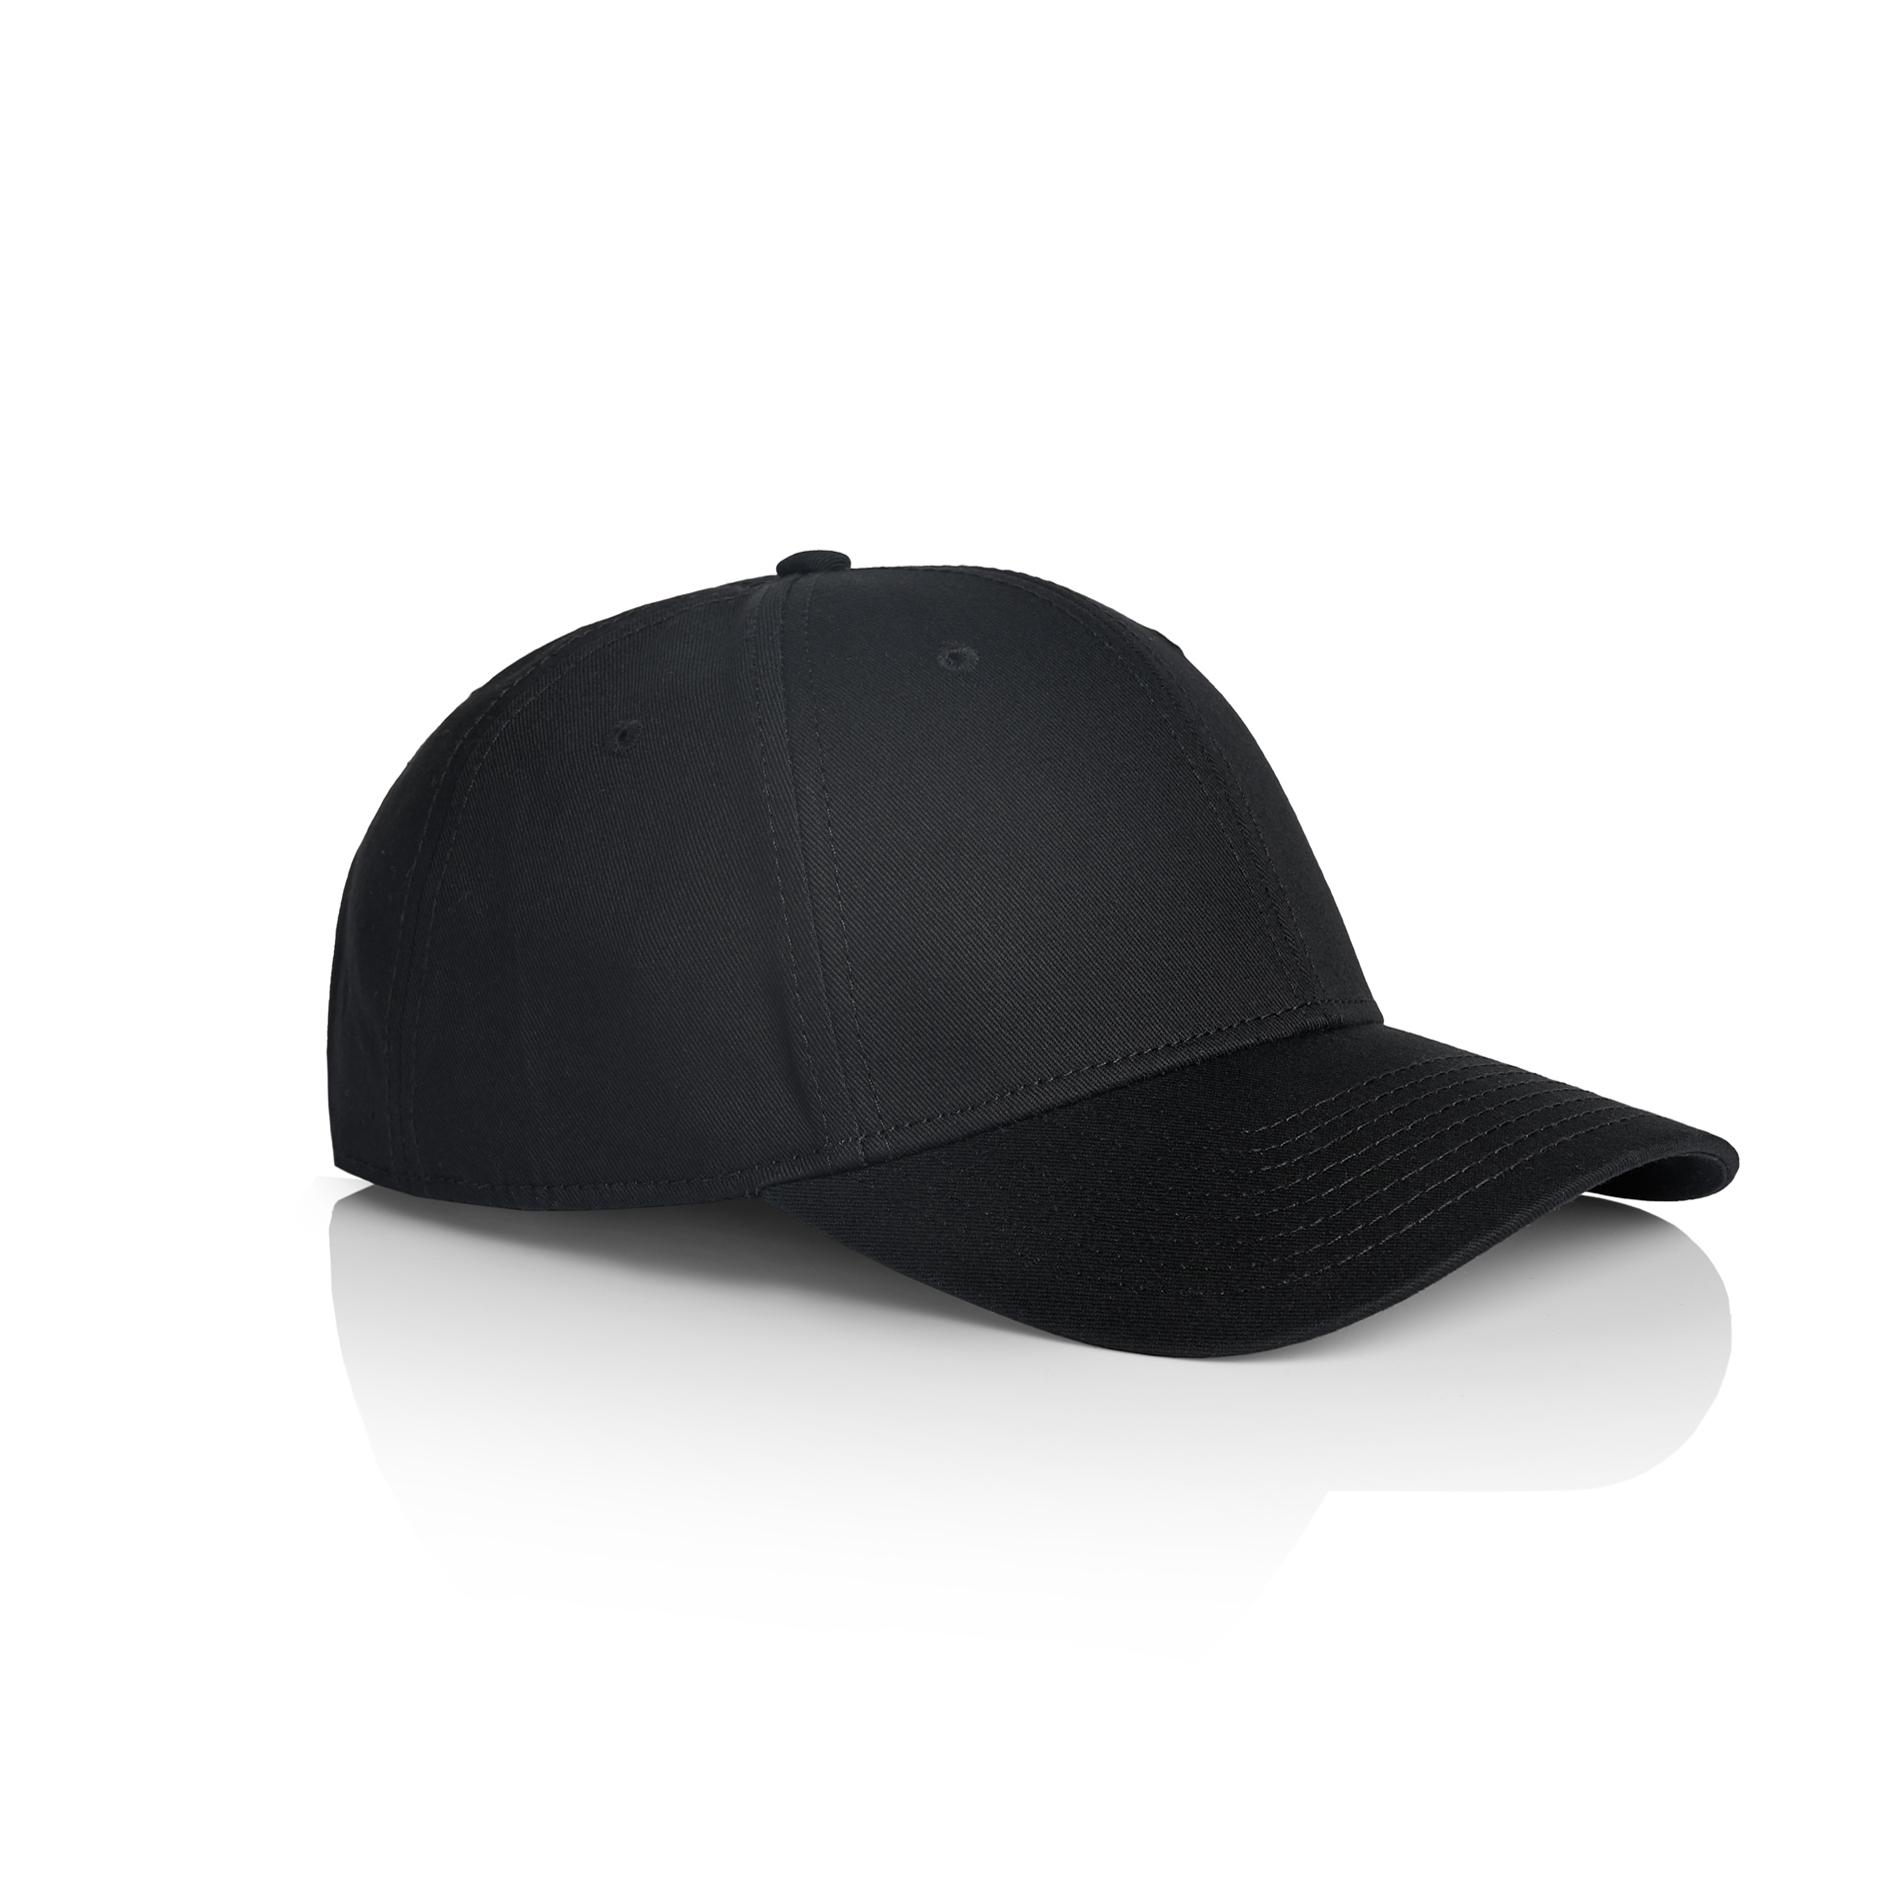 1118 GRADE HAT